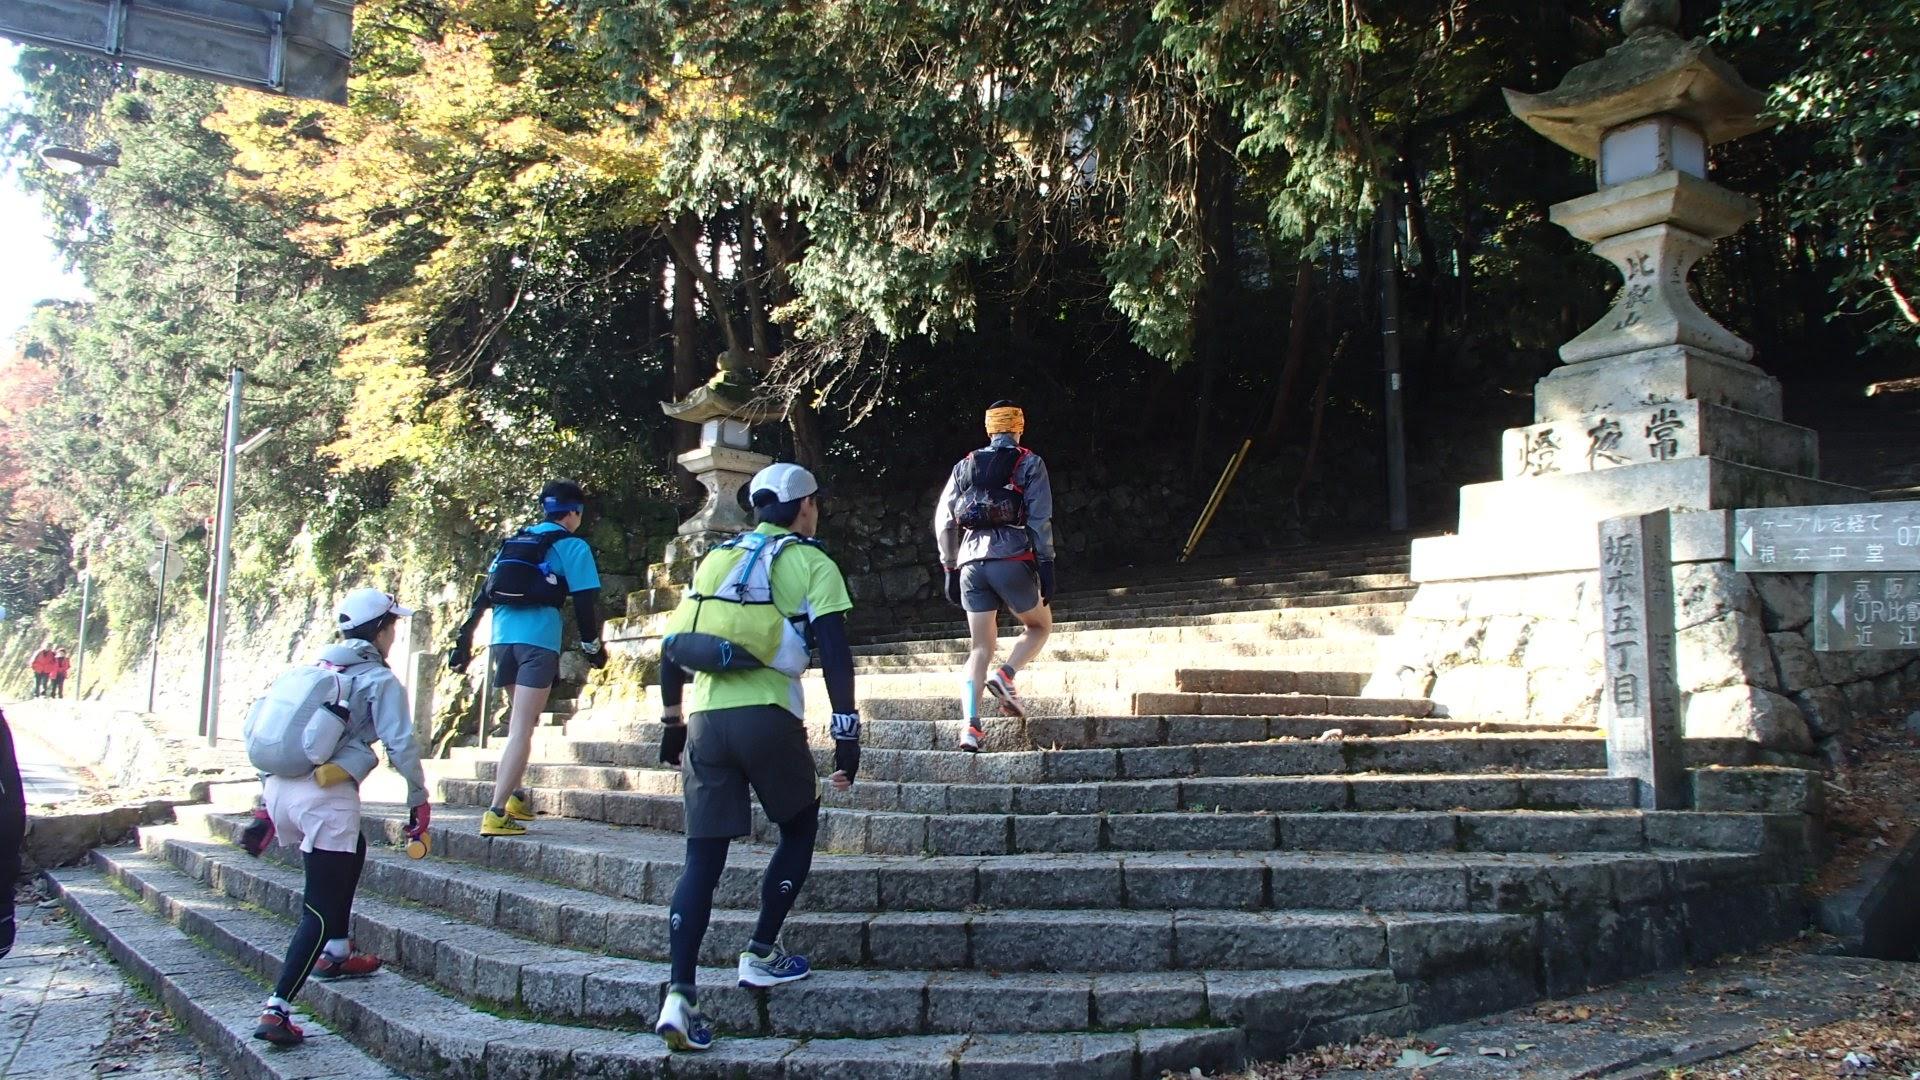 坂本から比叡山の登山口